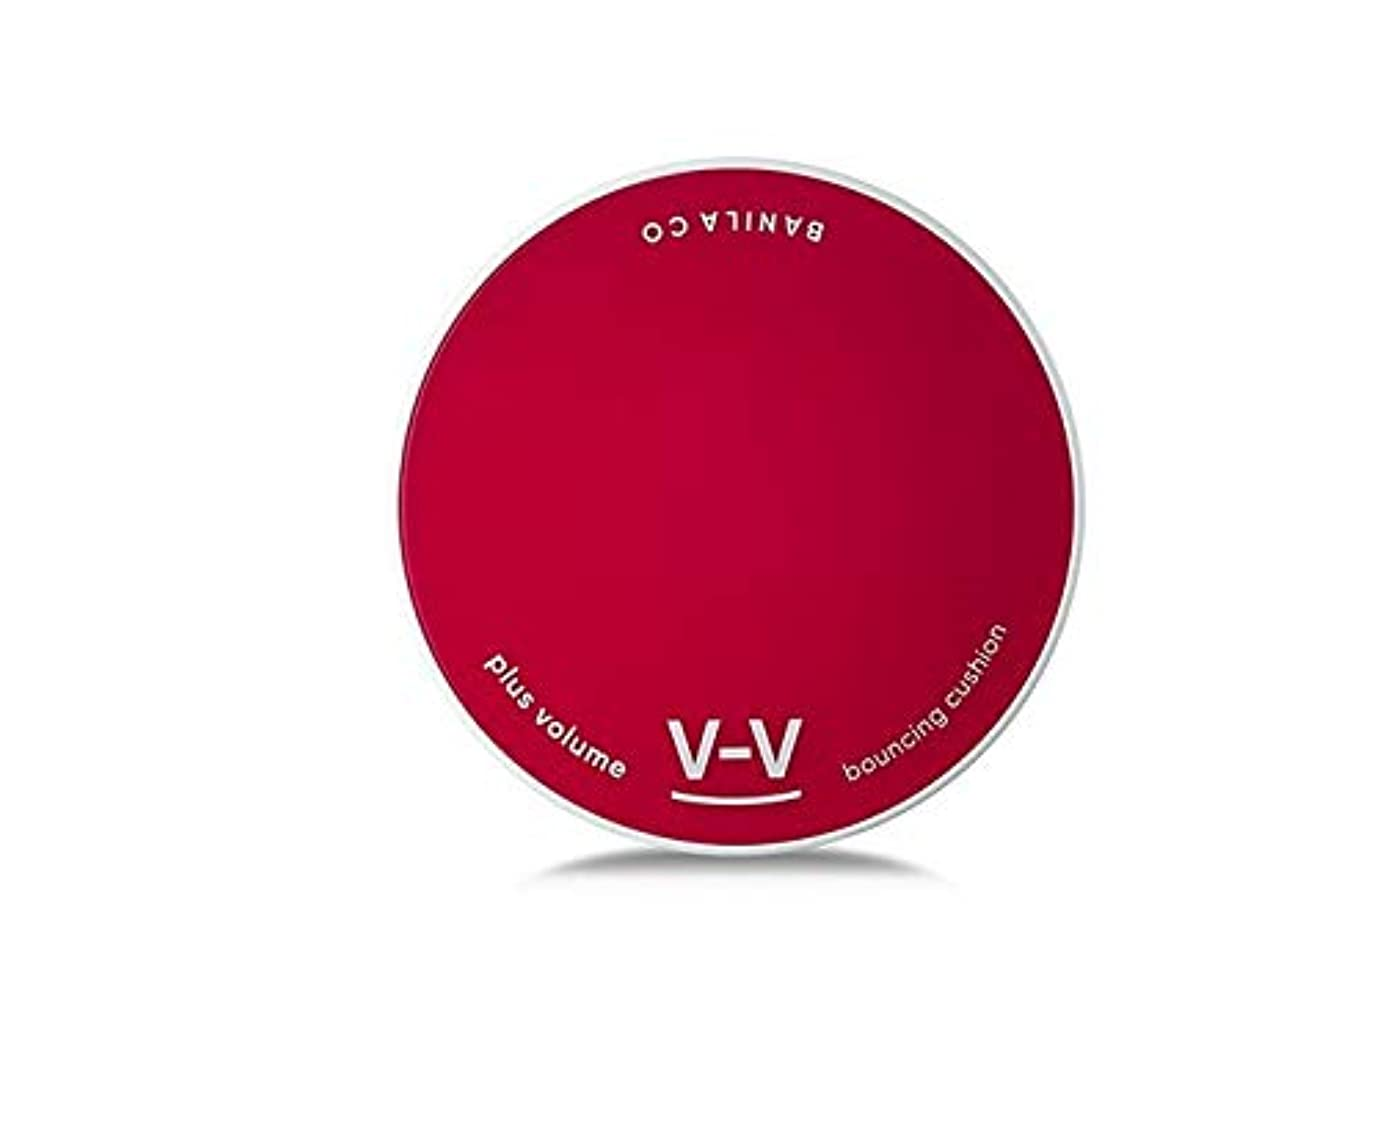 完全に自我発見するbanilaco V-Vバウンシングクッション+詰め替え/V-V Bouncing Cushion + Refill 15g * 2# BE10 [並行輸入品]